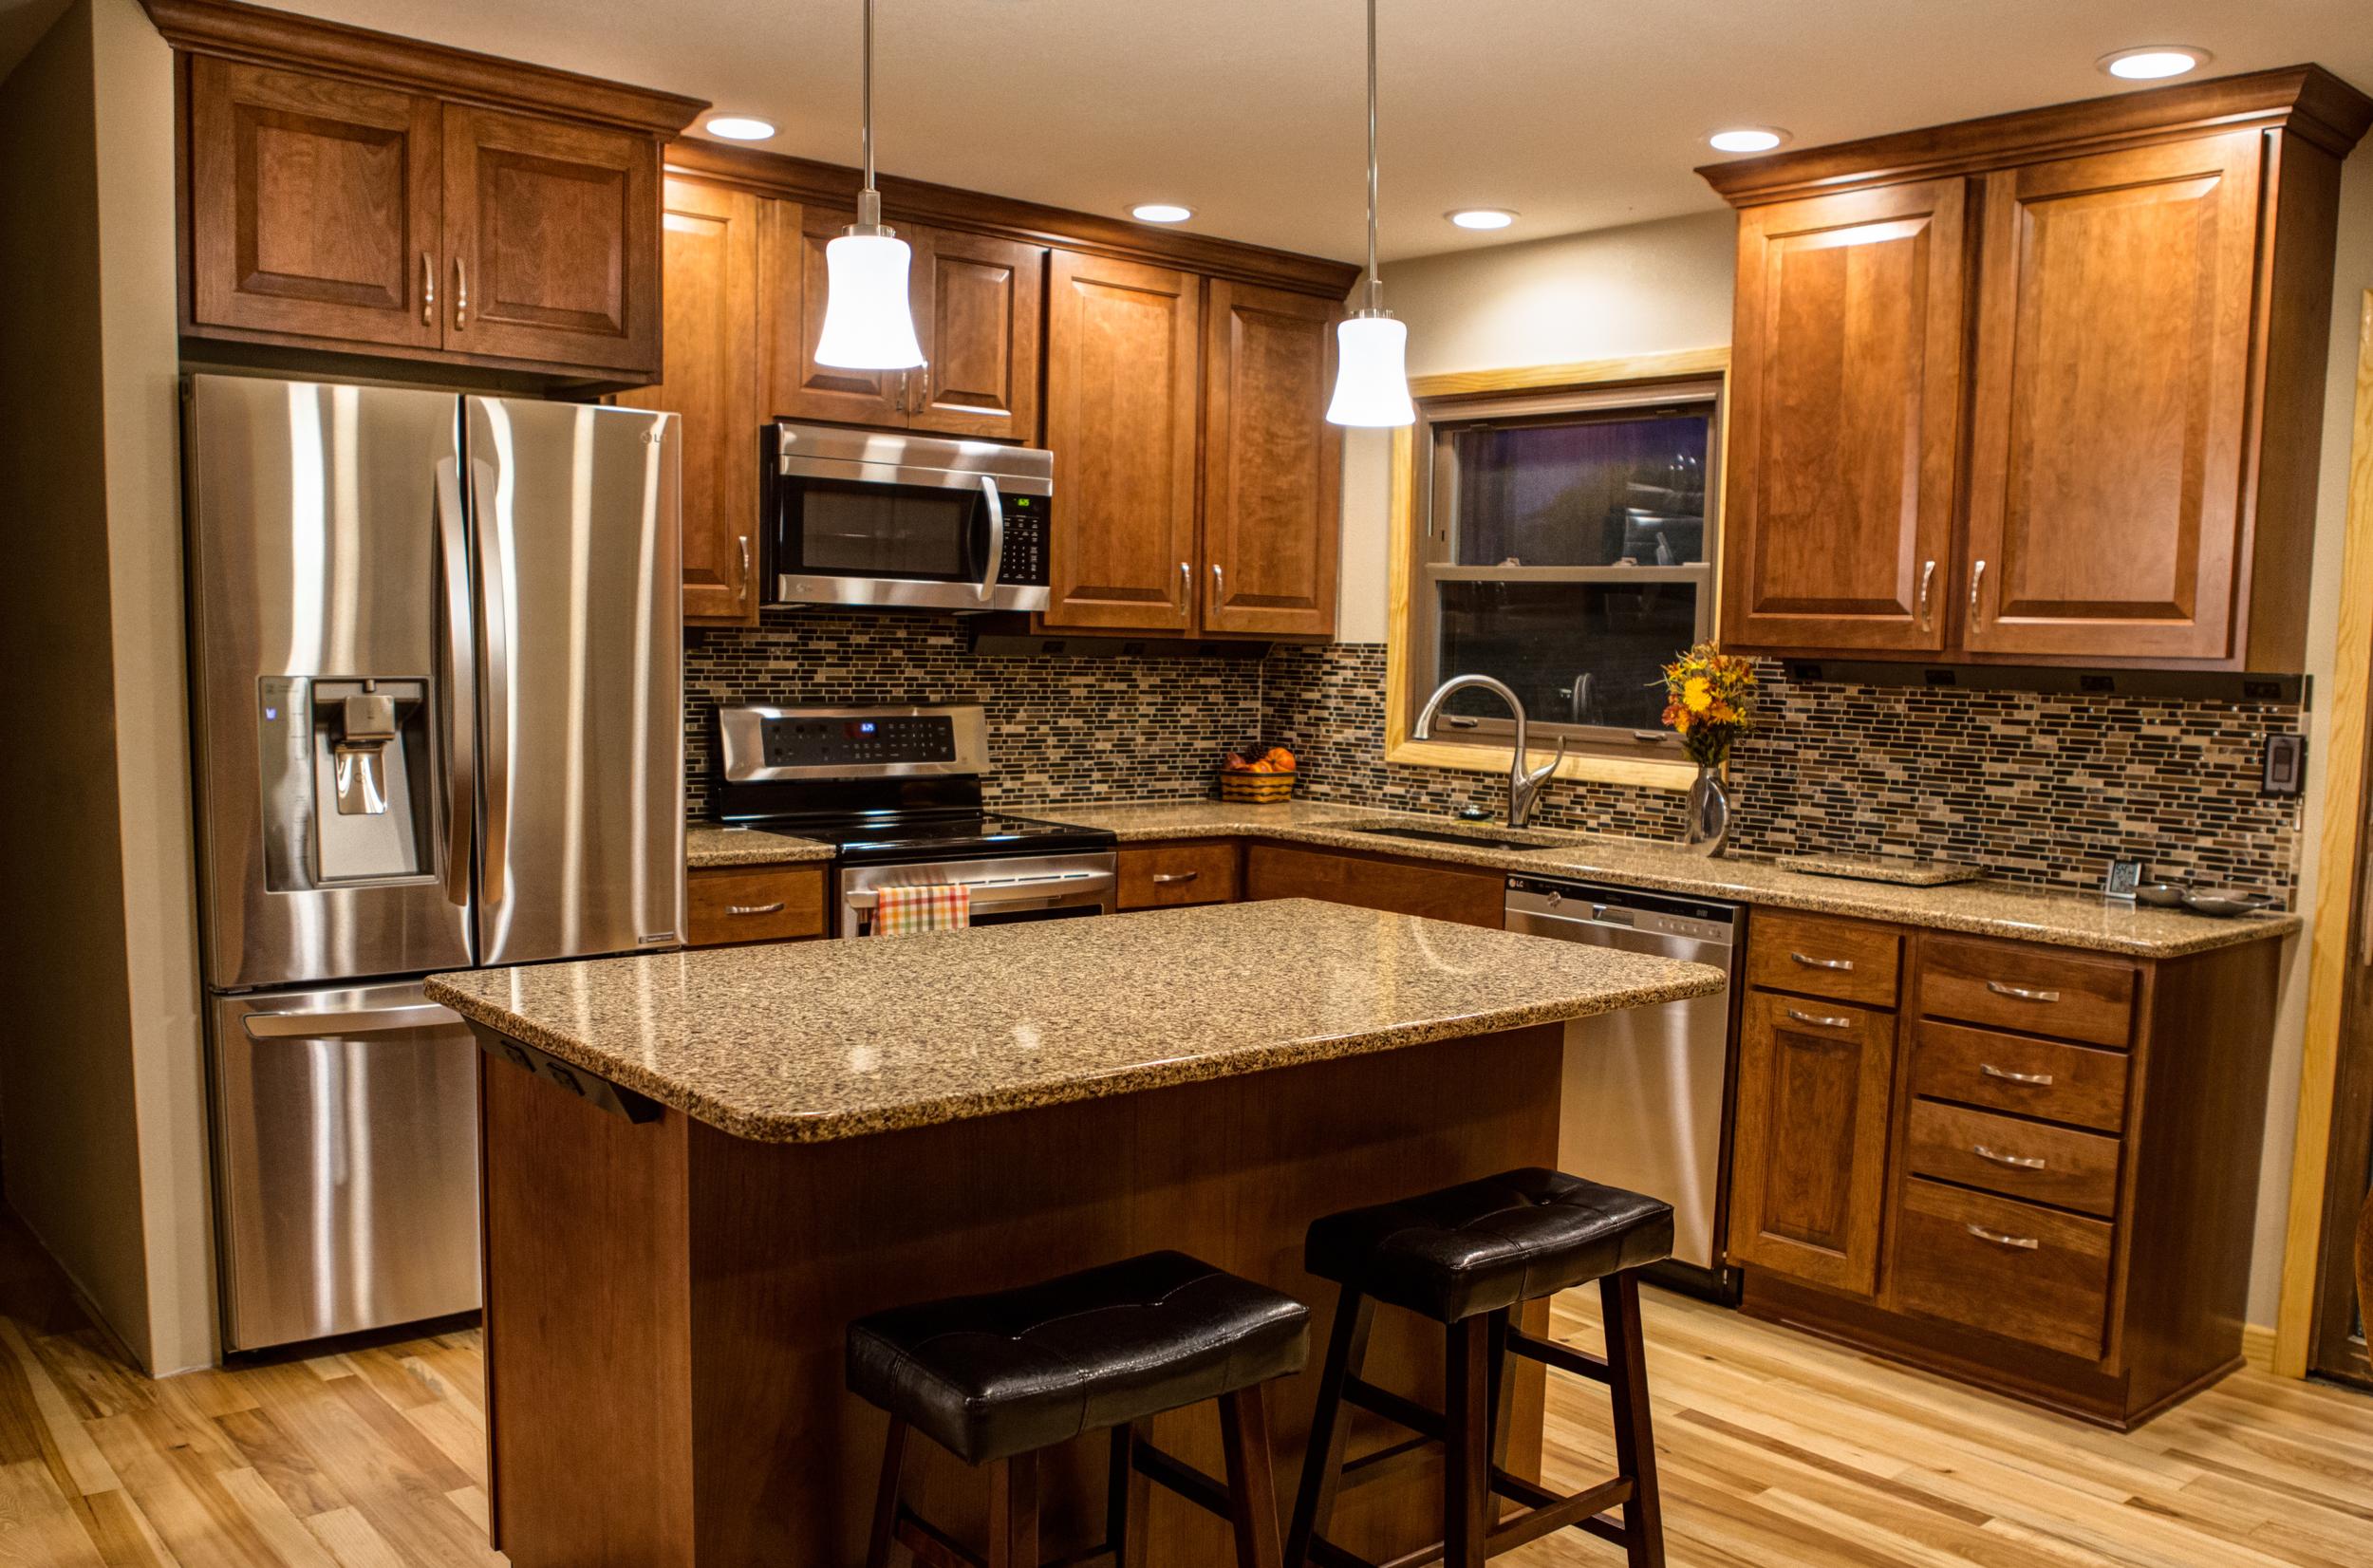 North Iowa Kitchens